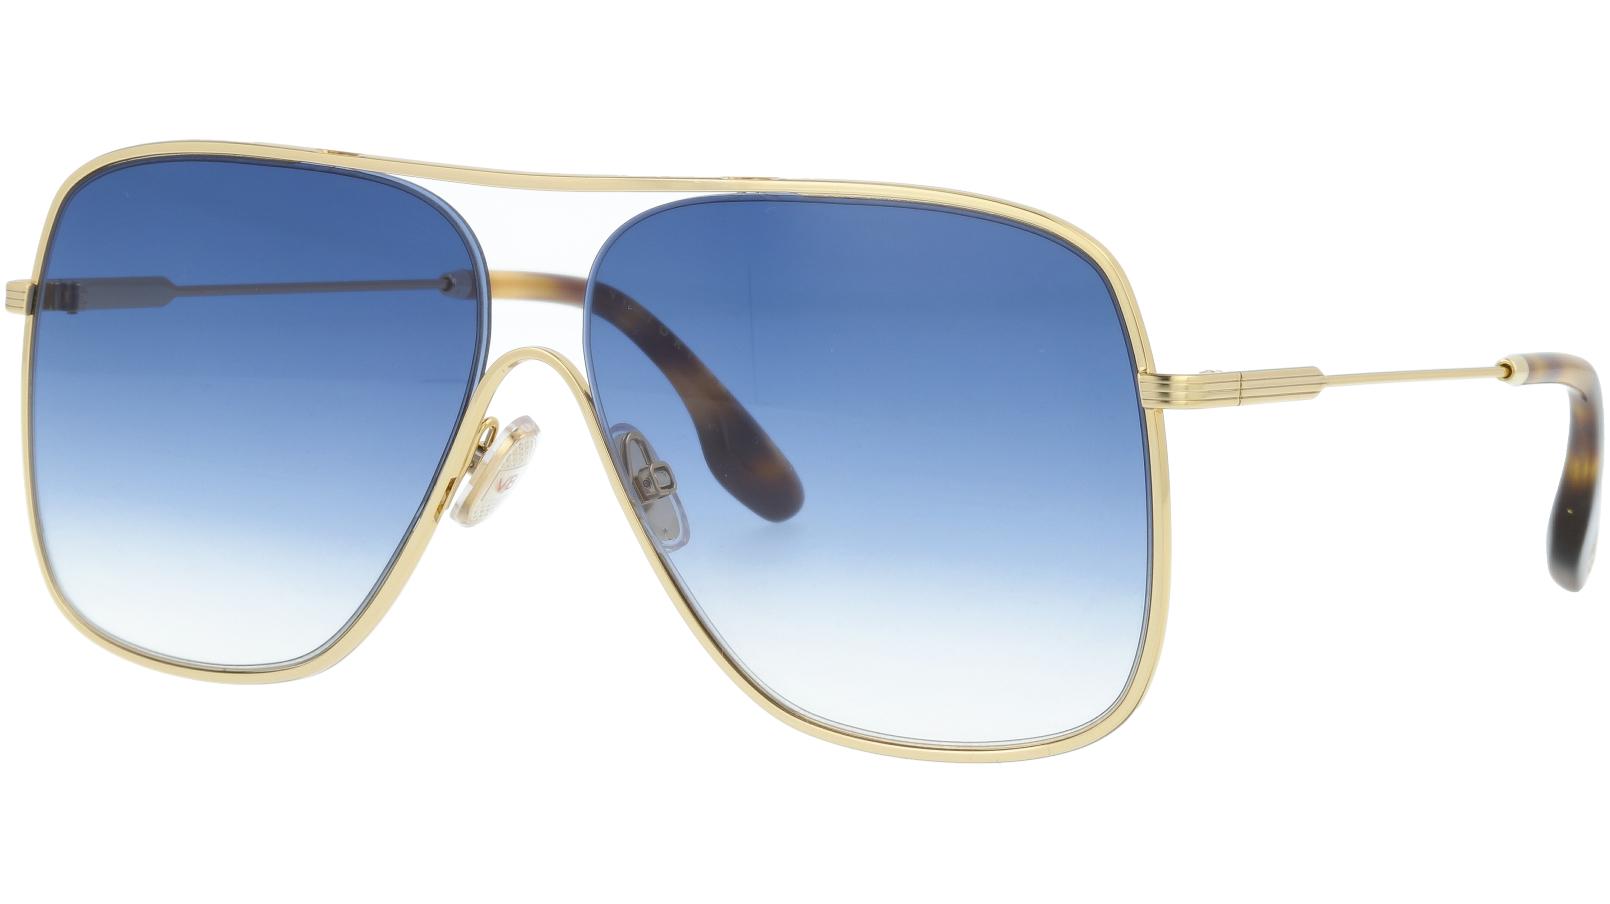 Victoria Beckham VB132S 706 61 Gold Sunglasses